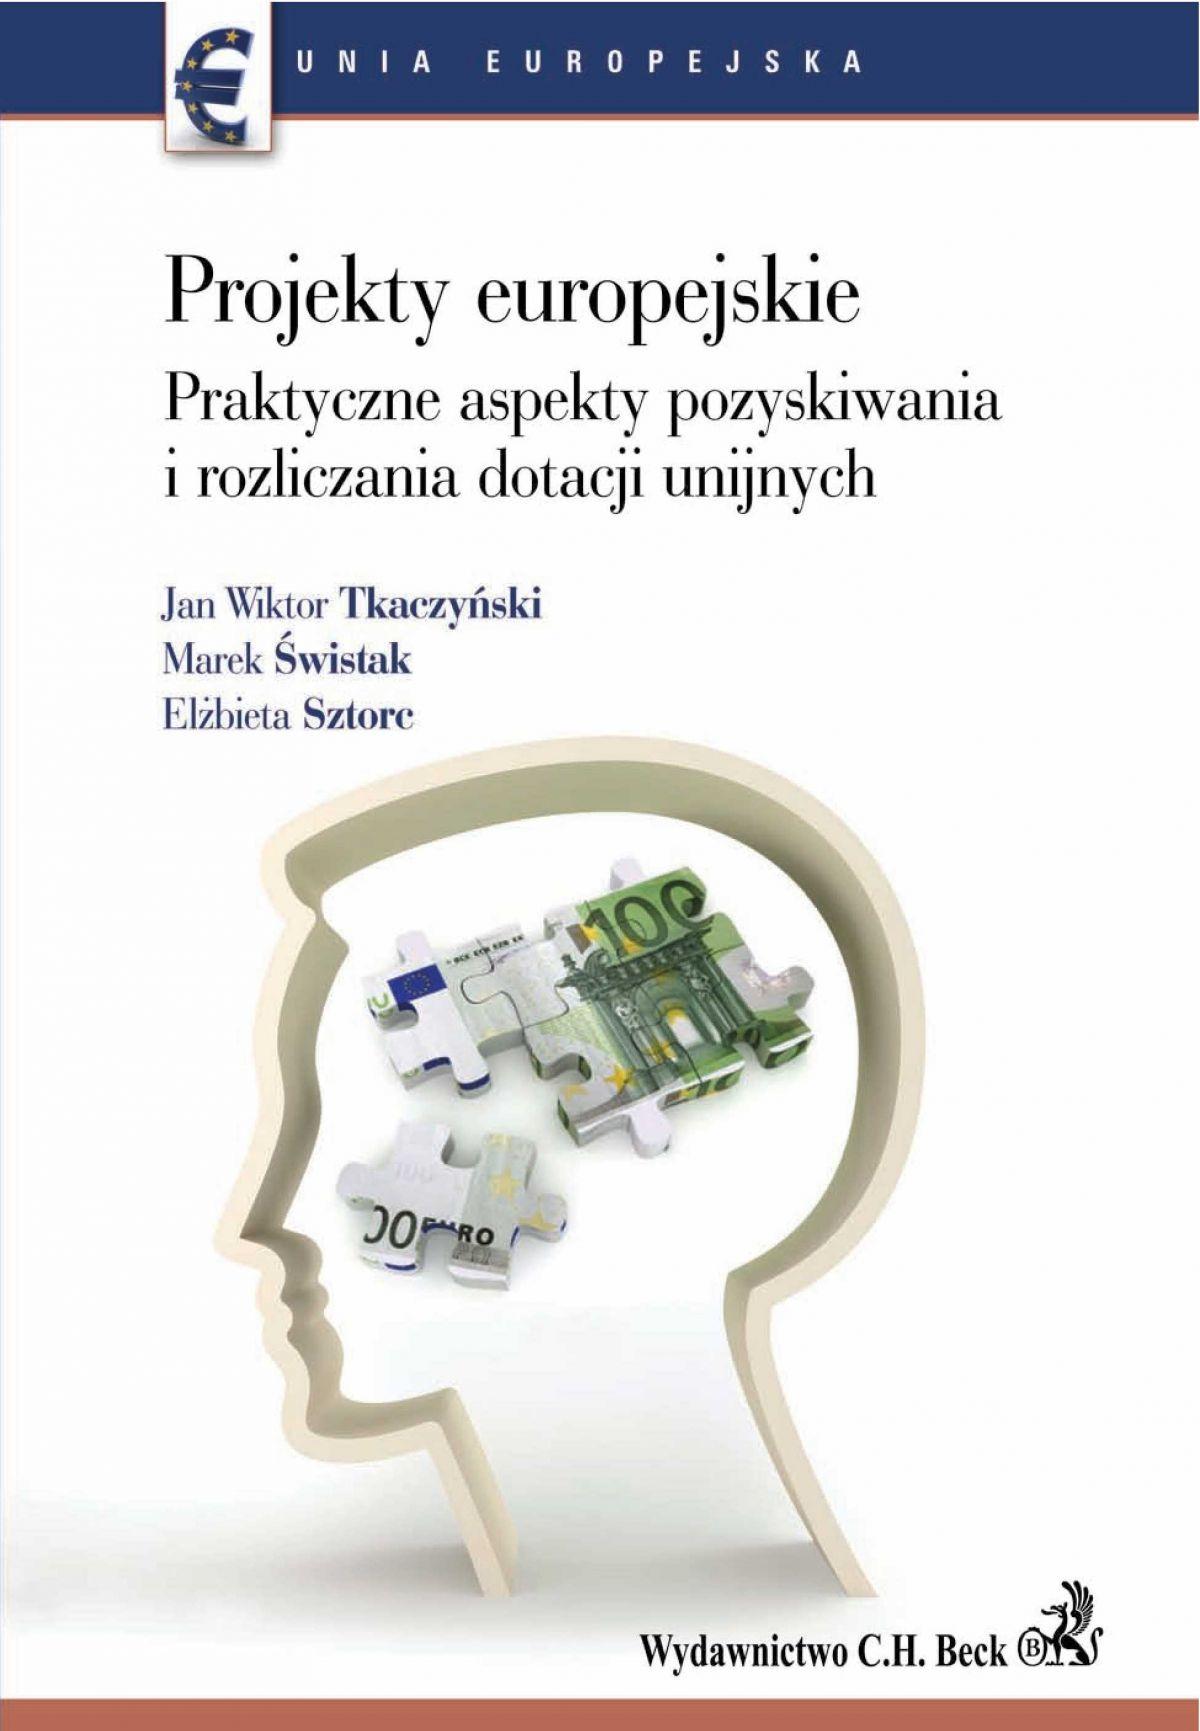 Projekty europejskie. Praktyczne aspekty pozyskiwania i rozliczania dotacji unijnych - Ebook (Książka PDF) do pobrania w formacie PDF